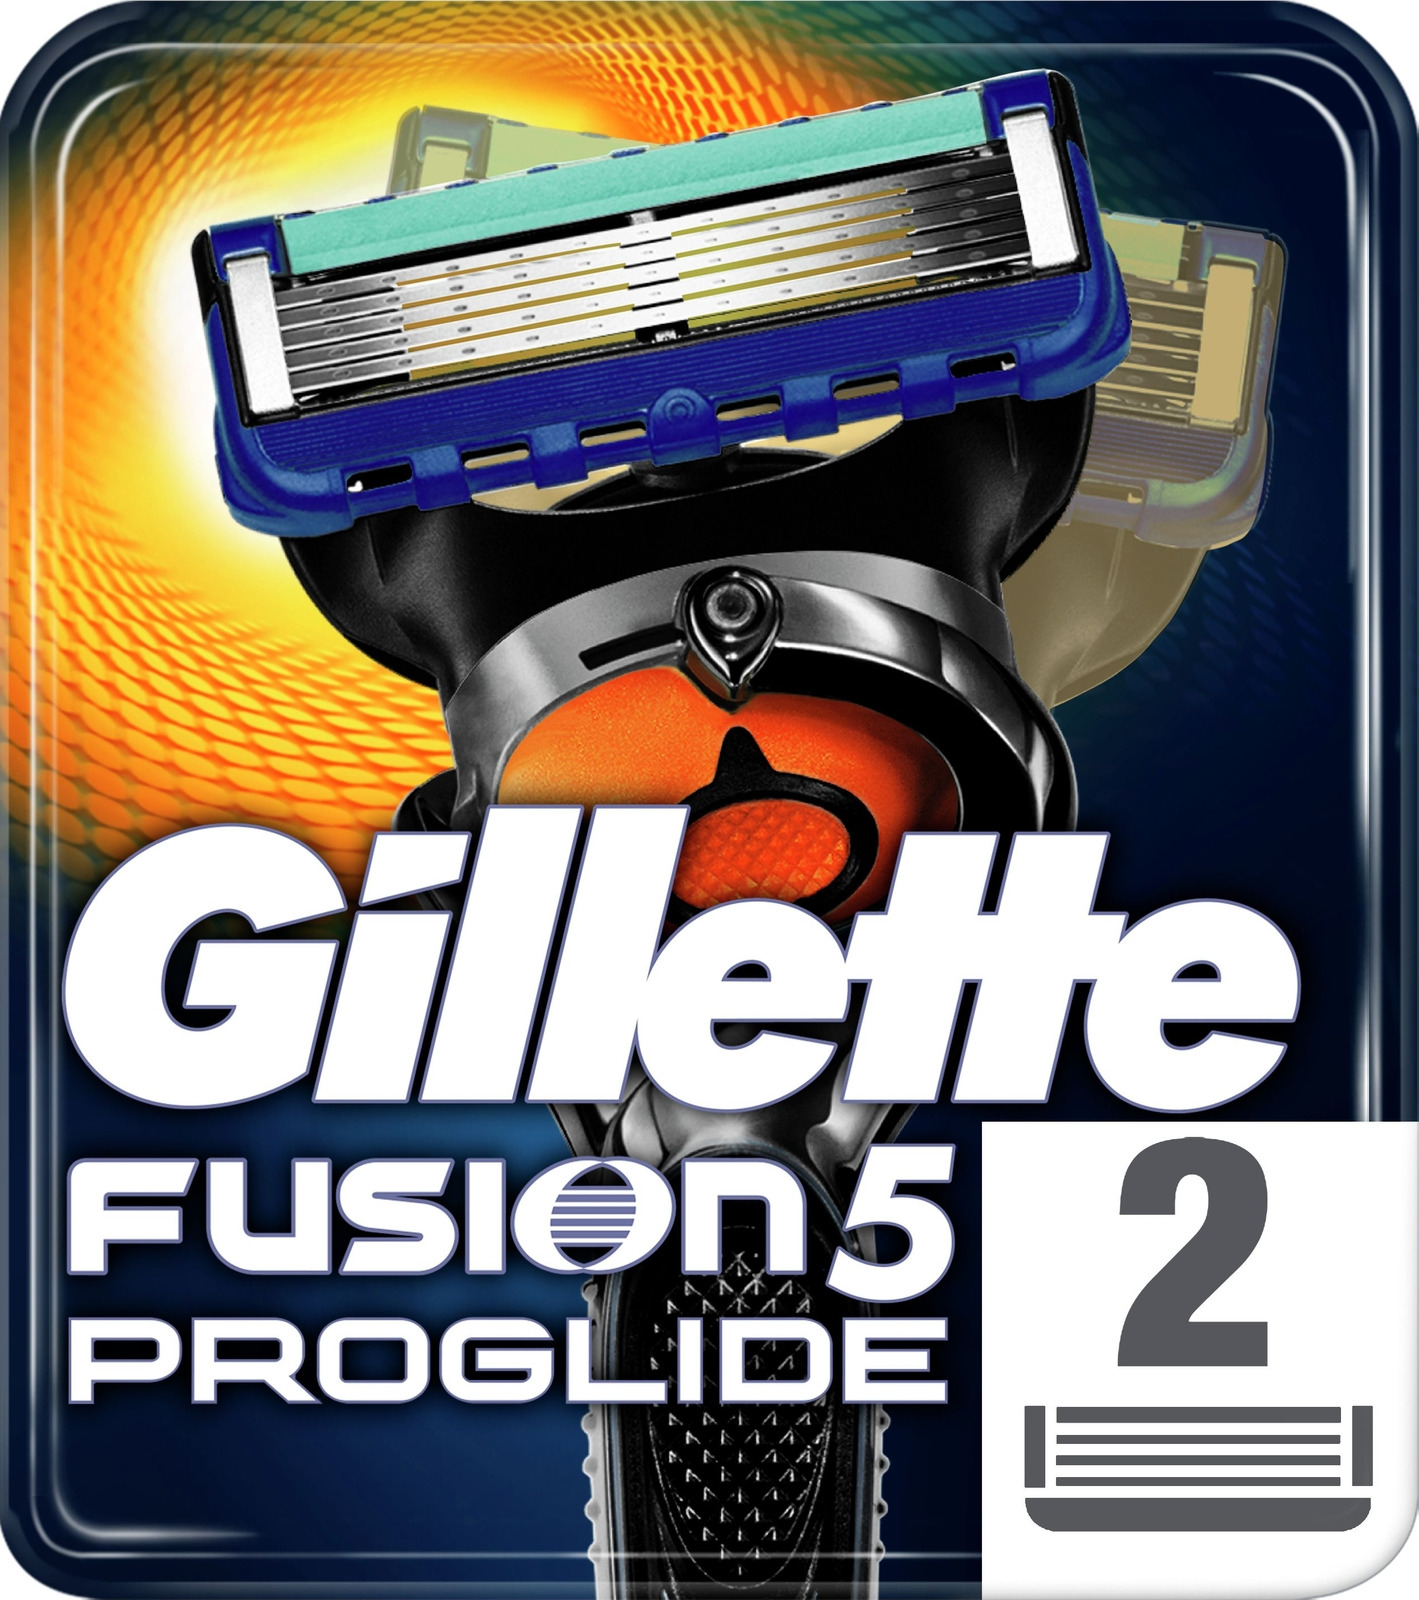 Gillette Fusion5 ProGlide Сменные Кассеты Для Мужской Бритвы С Технологией FlexBall, Повторяющей Контуры Лица, 2 Кассеты